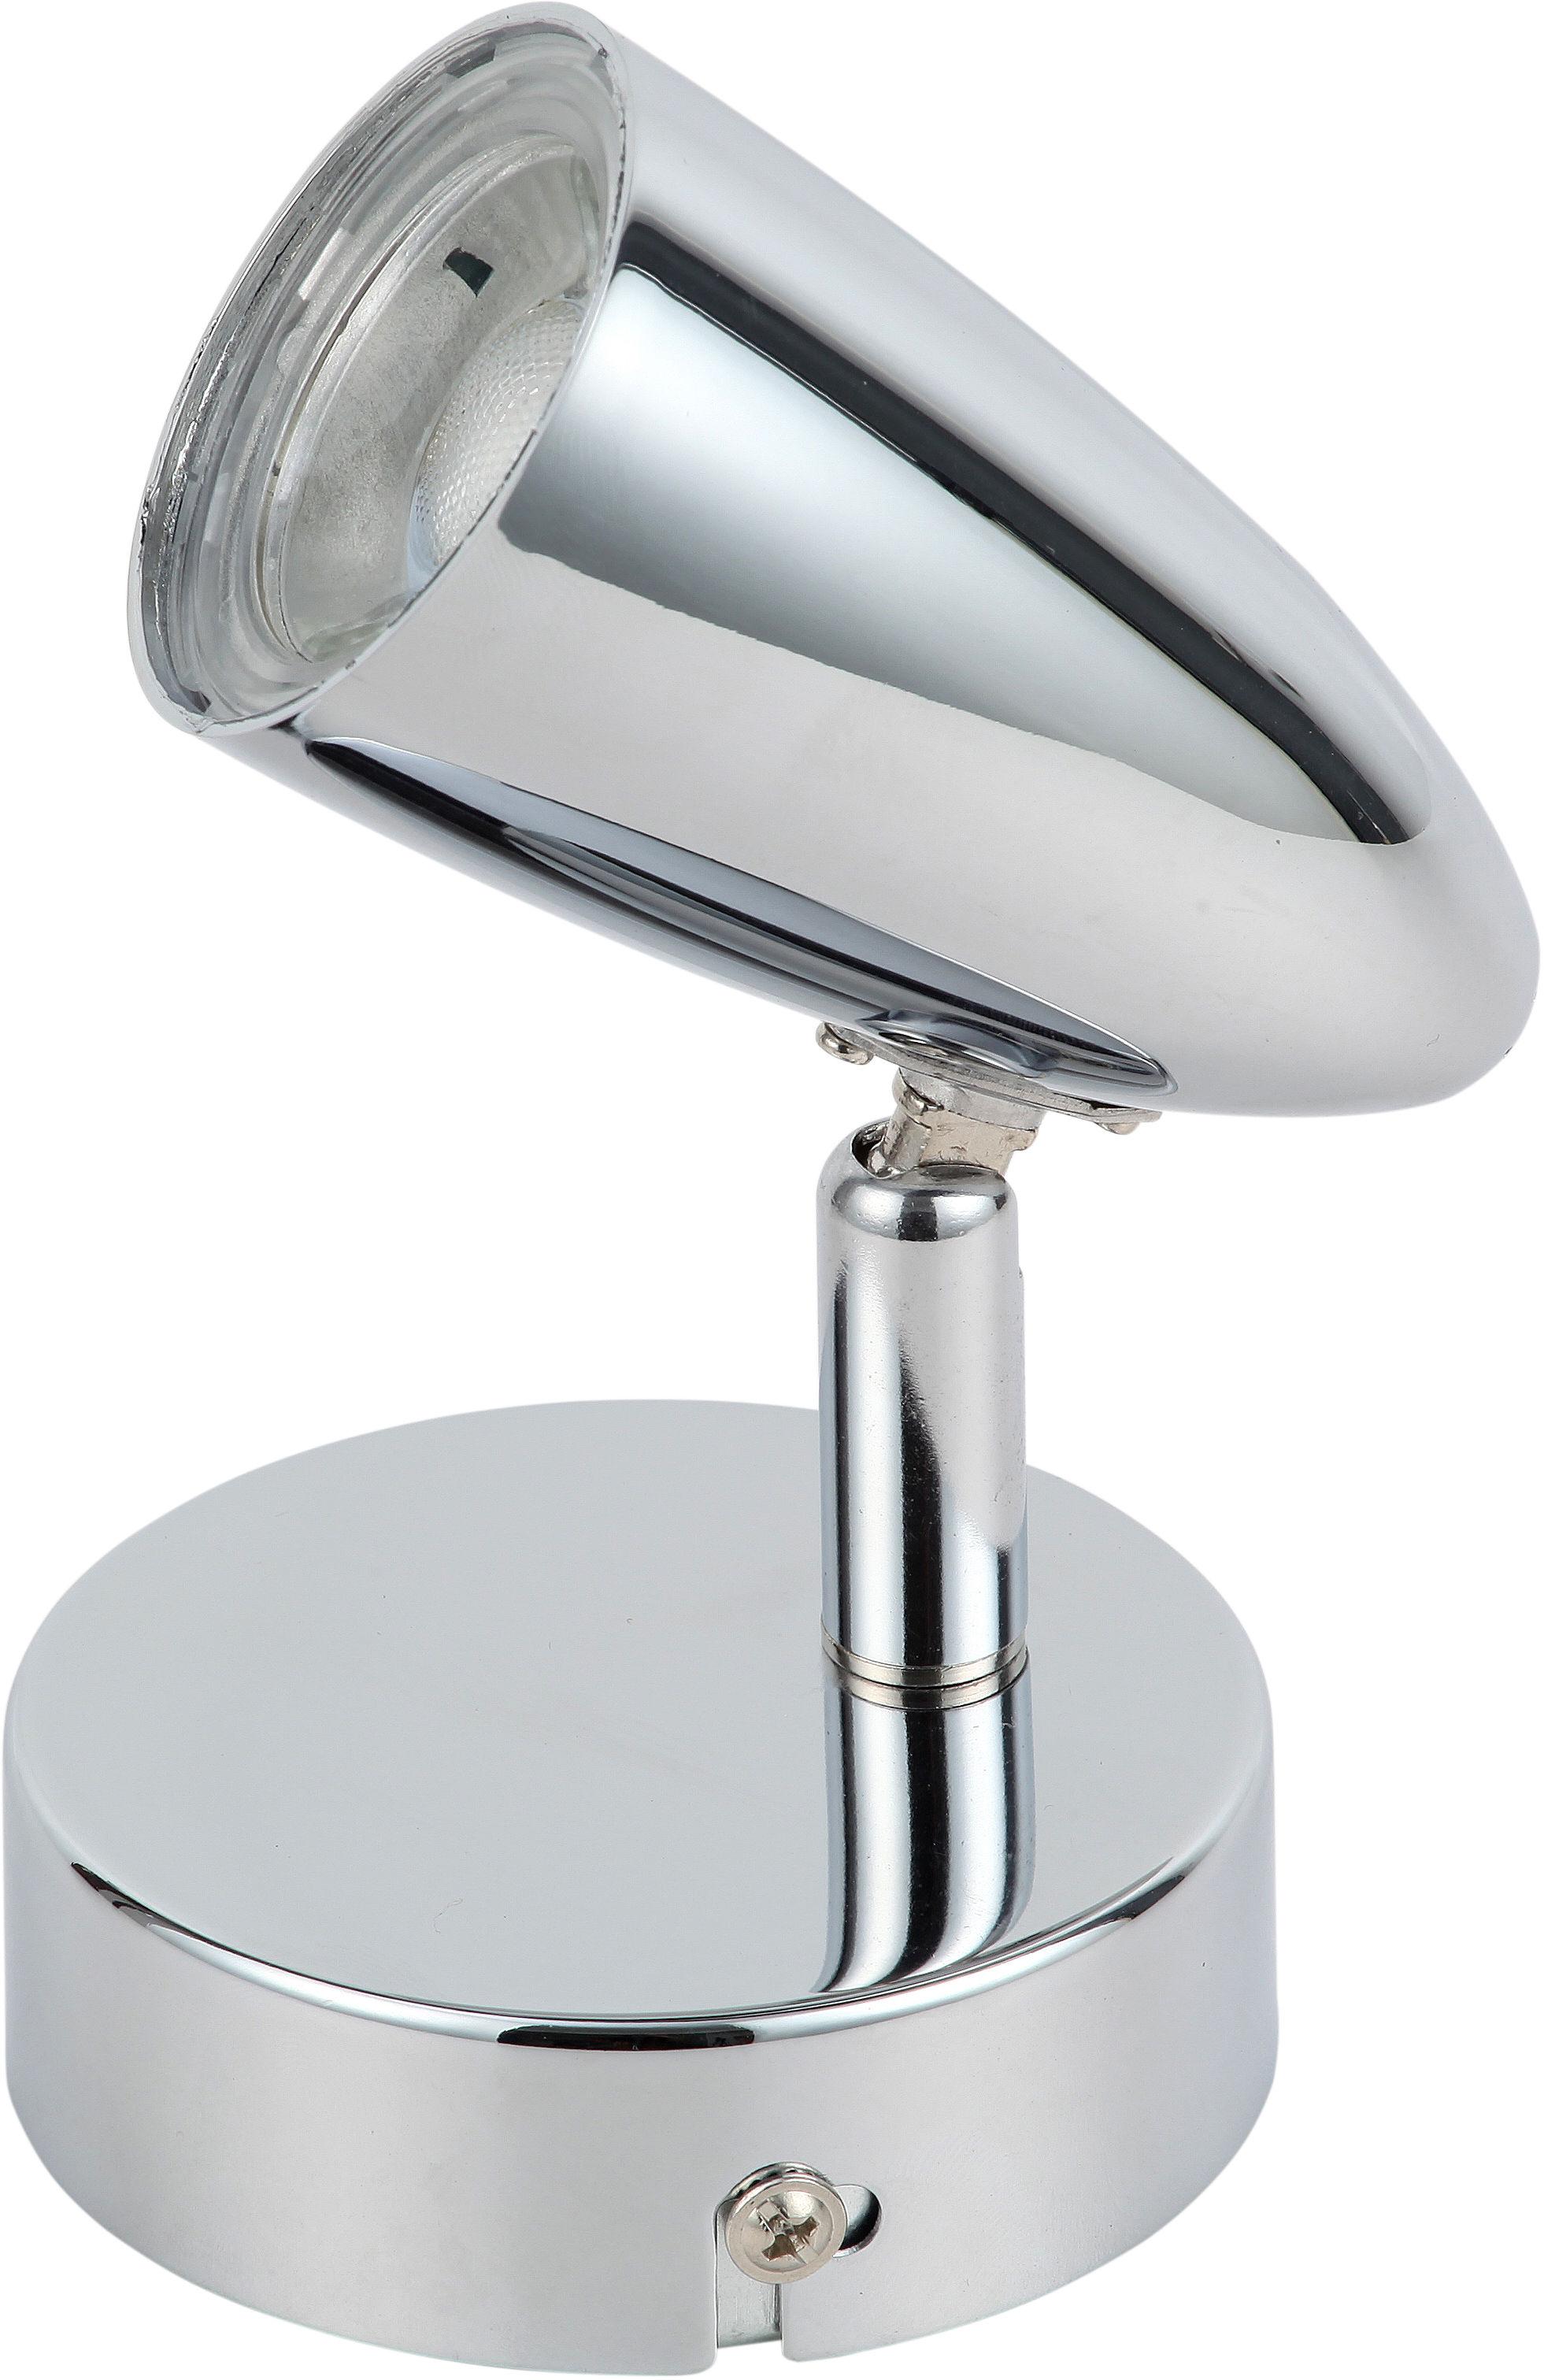 Candellux LIBERTY 91-49551 kinkiet lampa ścienna chrom 1X4W LED 5cm